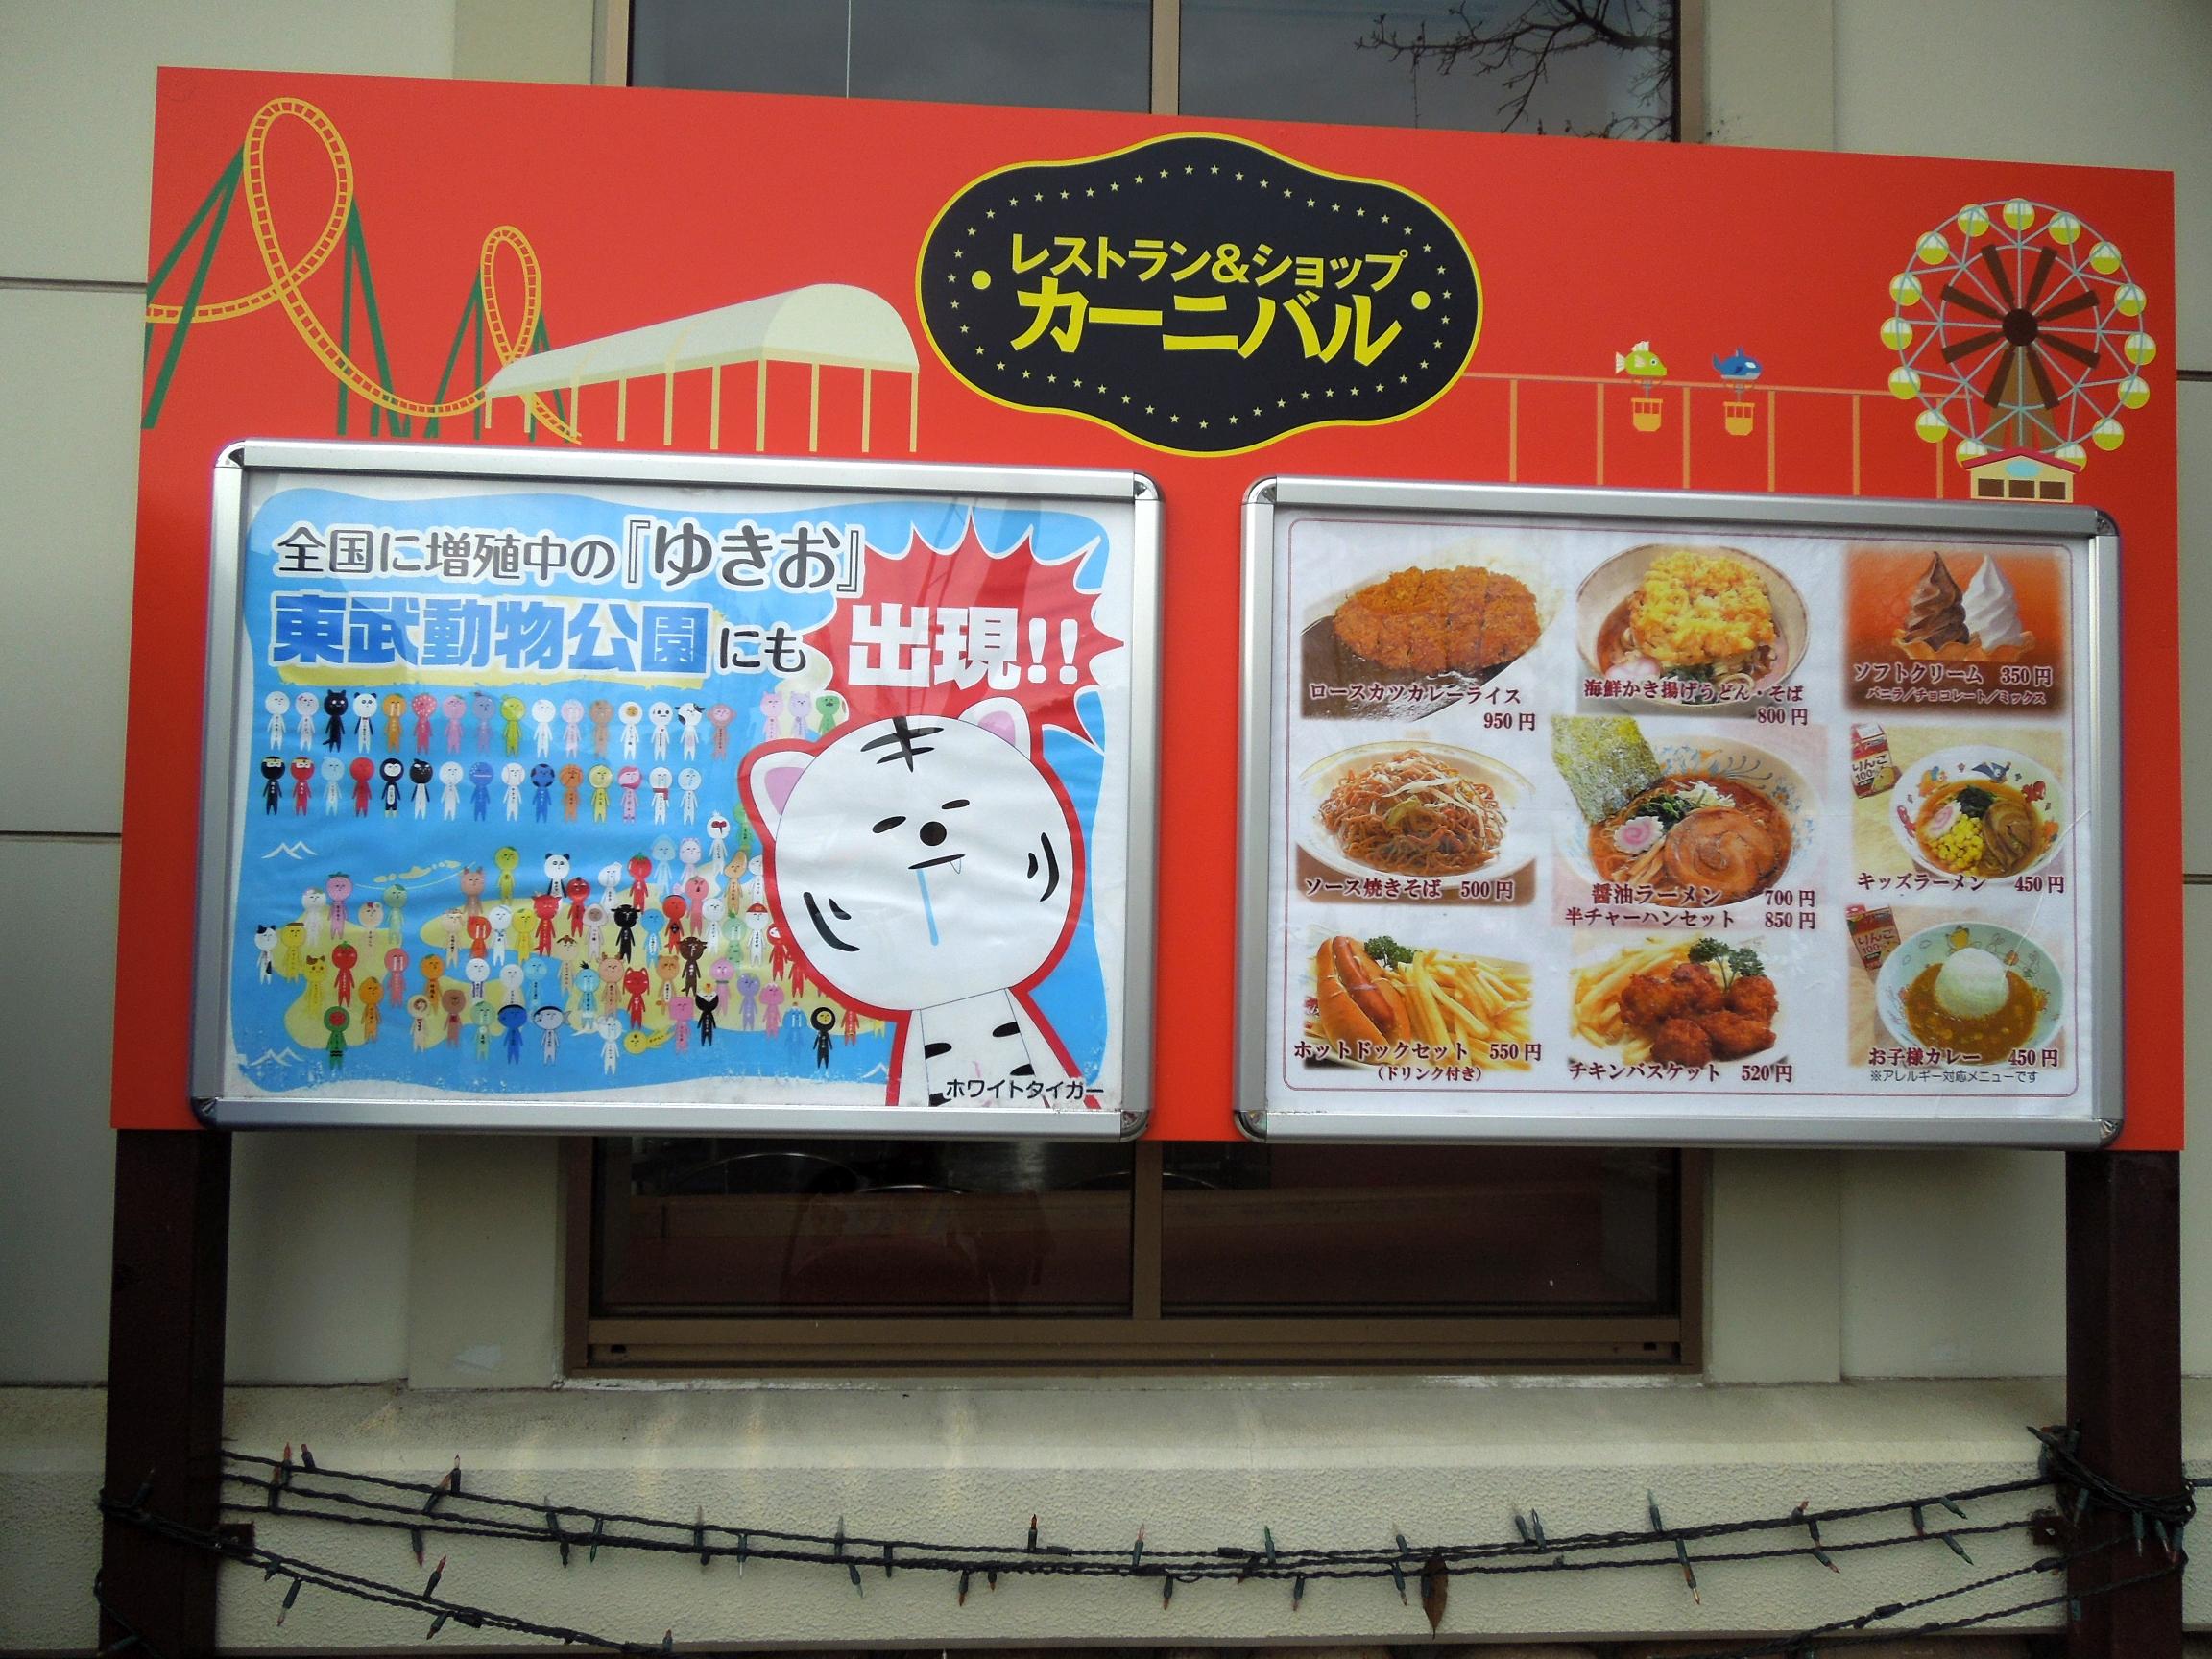 東武公のレストランカーニバル!観覧車の絶景見ながらランチ♪